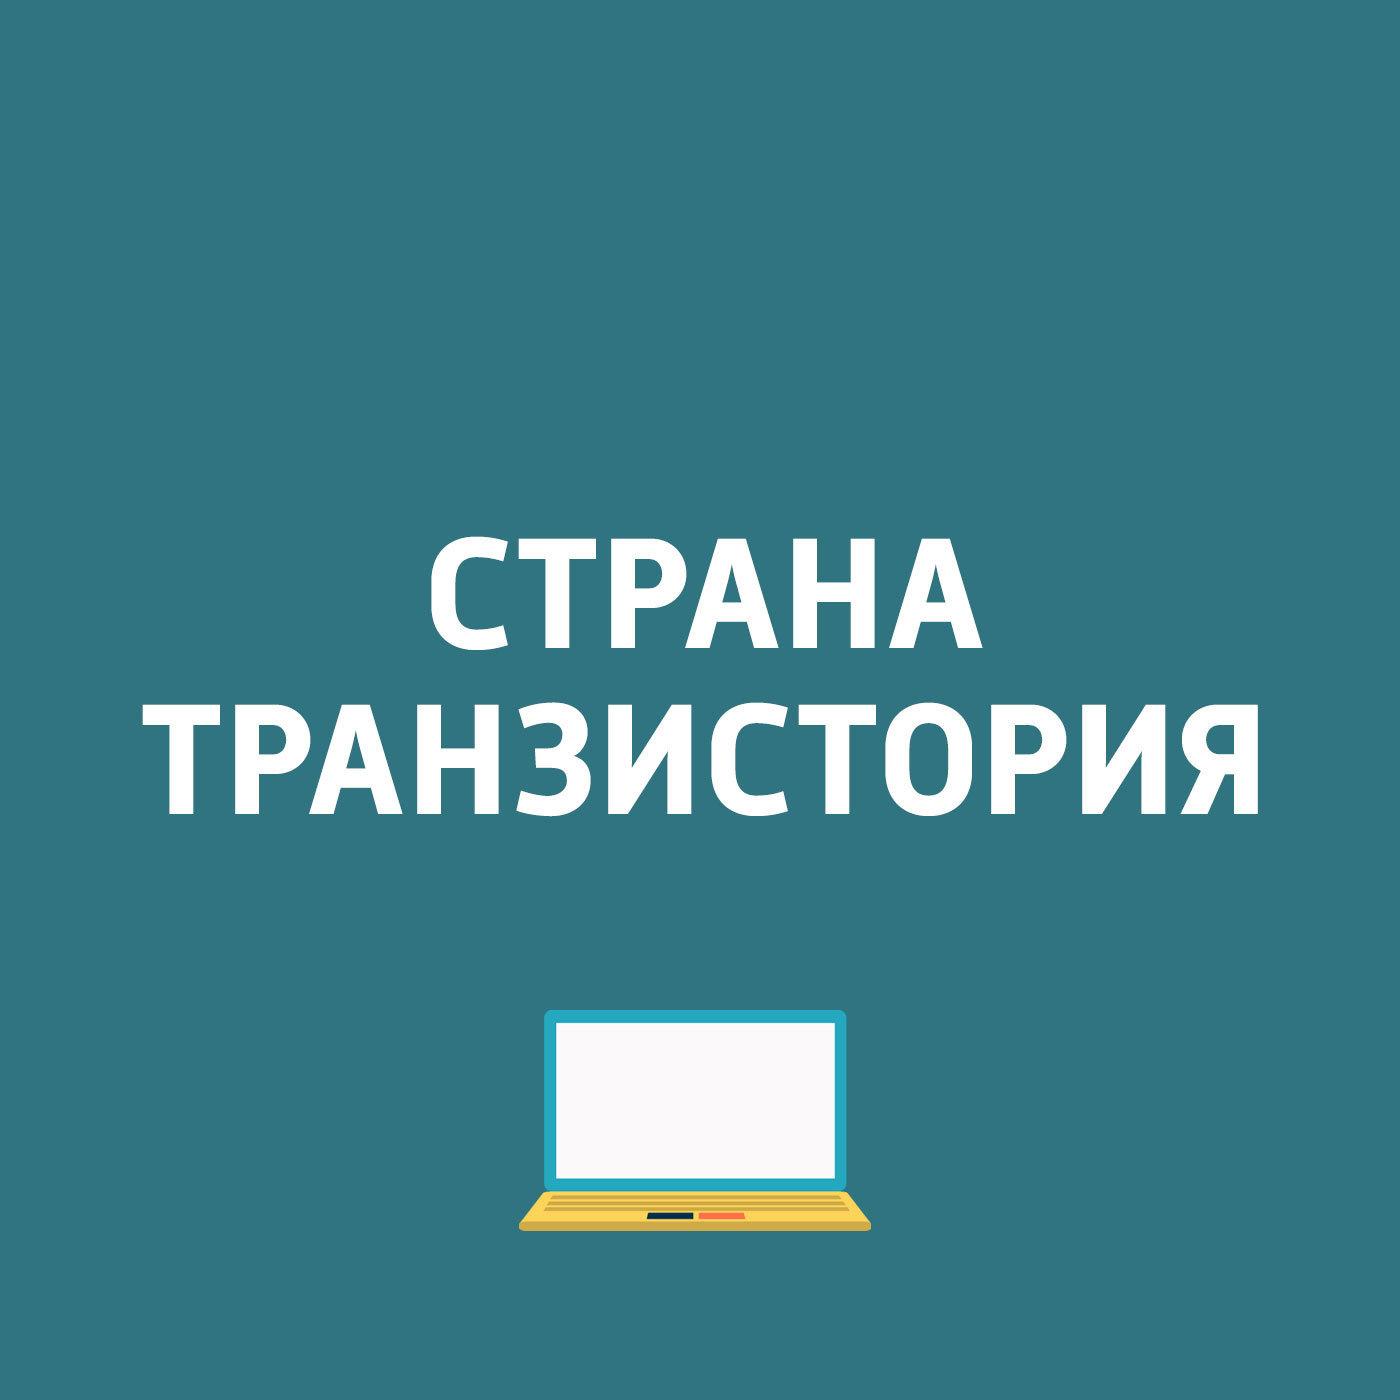 Картаев Павел Презентация и цены LG V40 ThinQ; Tinder добавили видео-превью; Запуск в России Taobao косметика кристина цены в россии